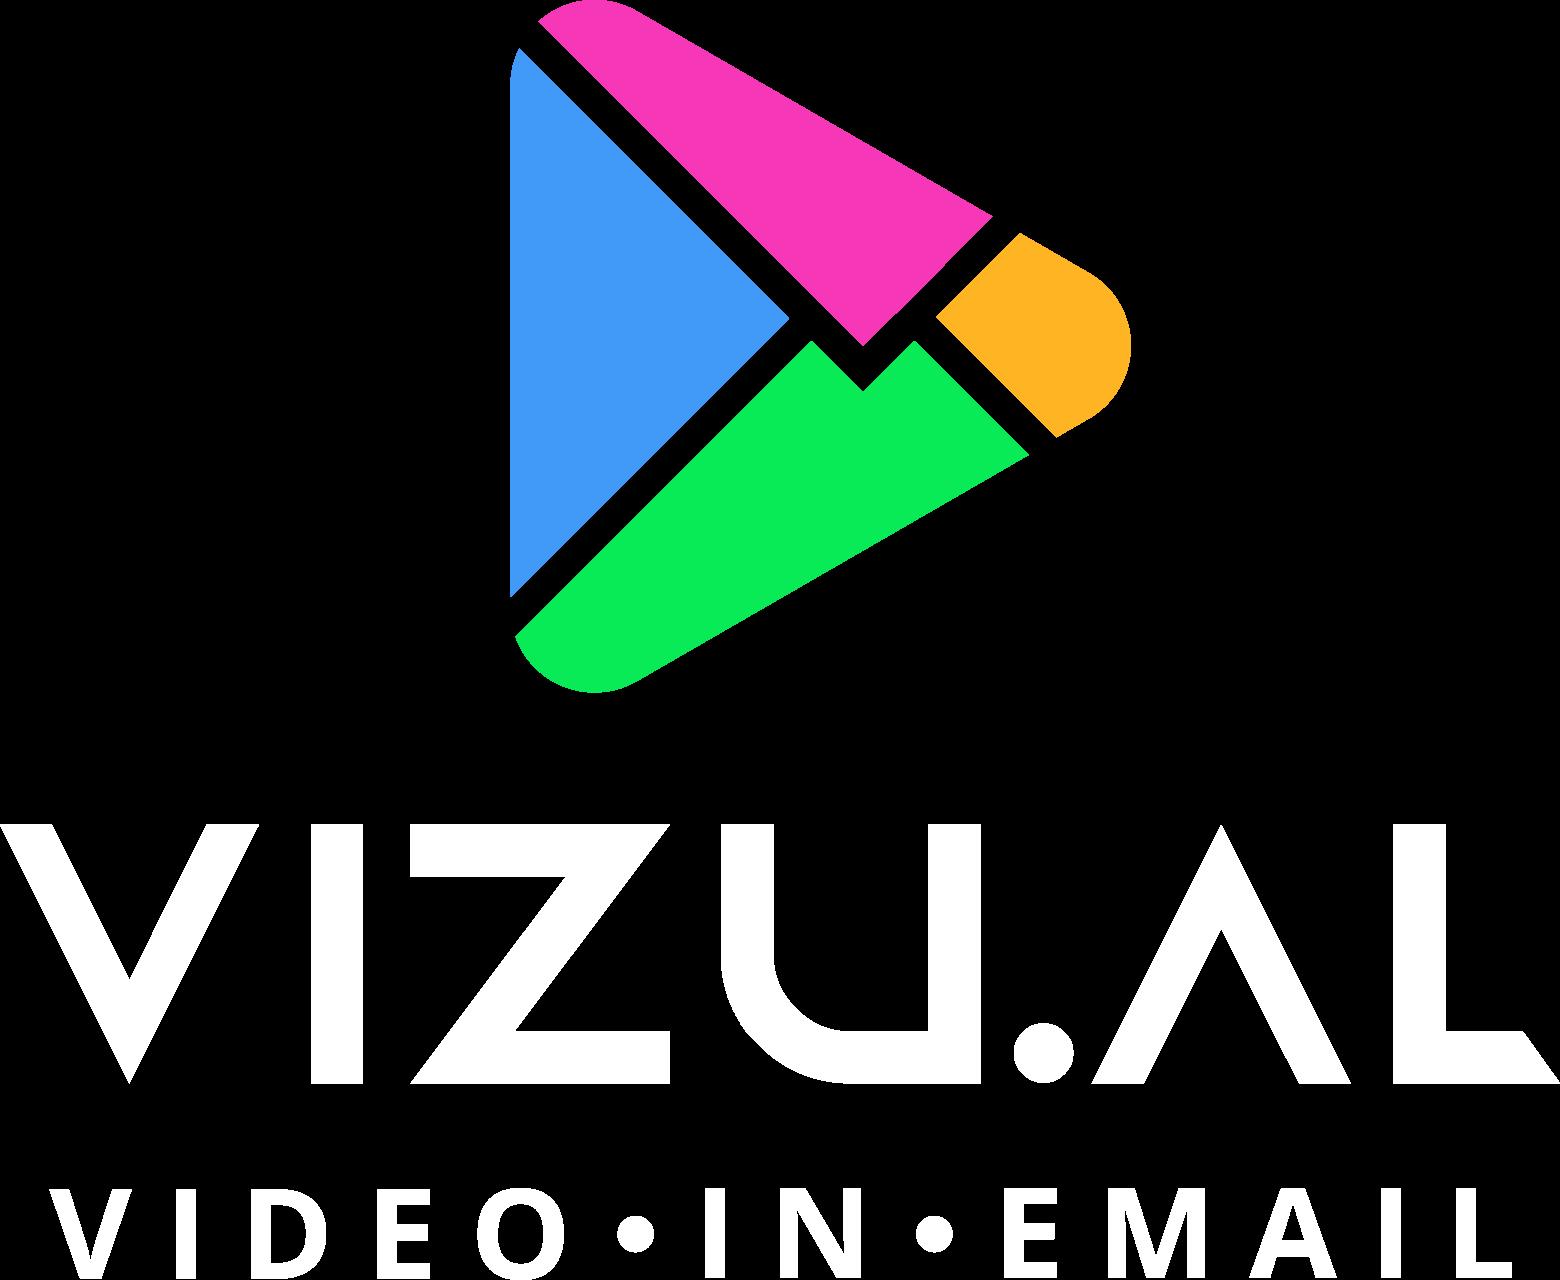 VIZU.AL